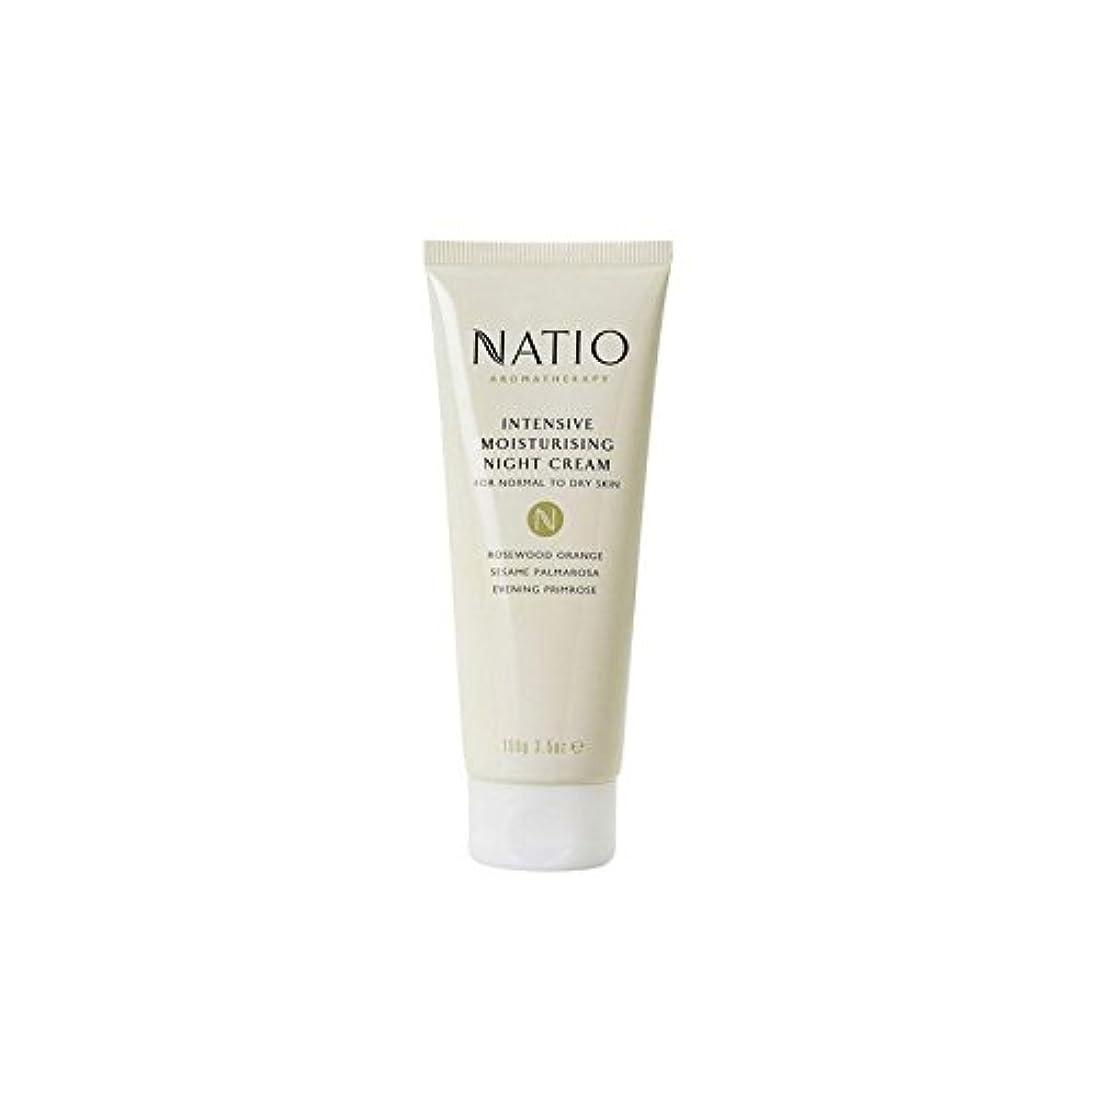 鮫夕食を作るシェア集中的な保湿ナイトクリーム(100グラム) x4 - Natio Intensive Moisturising Night Cream (100G) (Pack of 4) [並行輸入品]